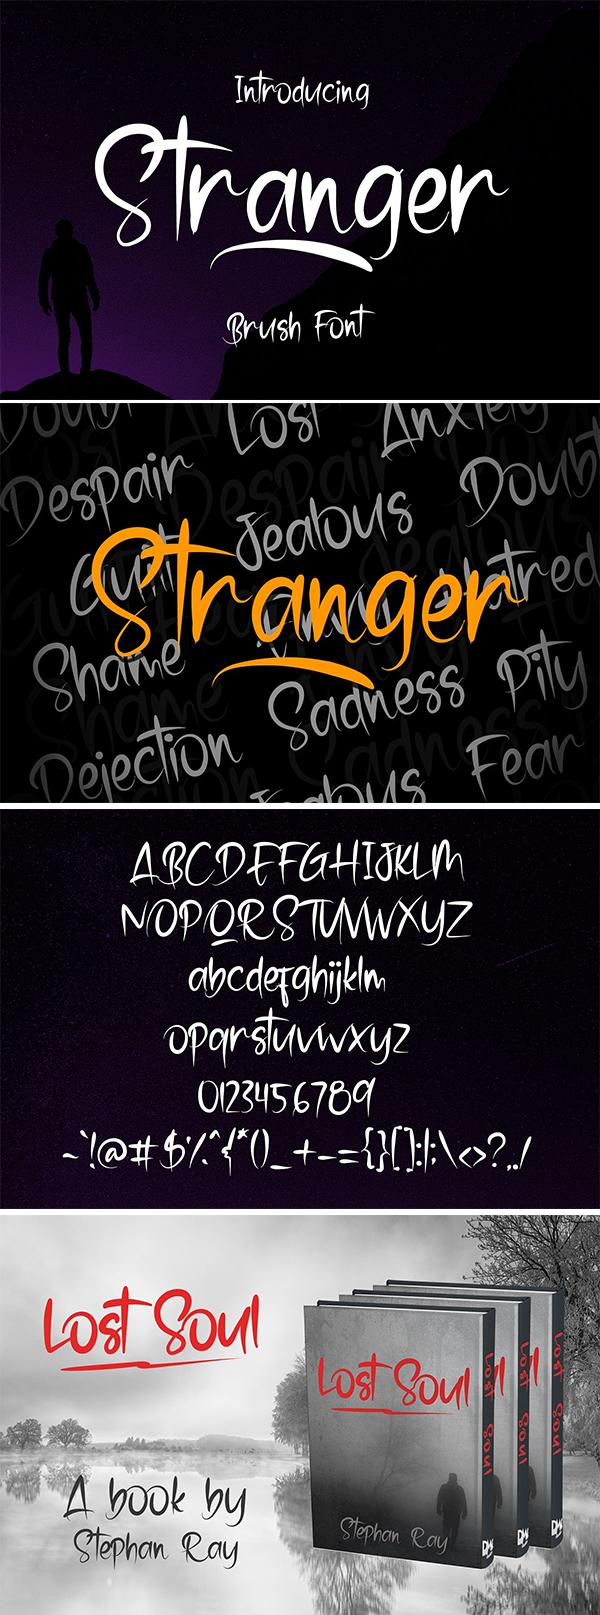 Stranger - Brush Font